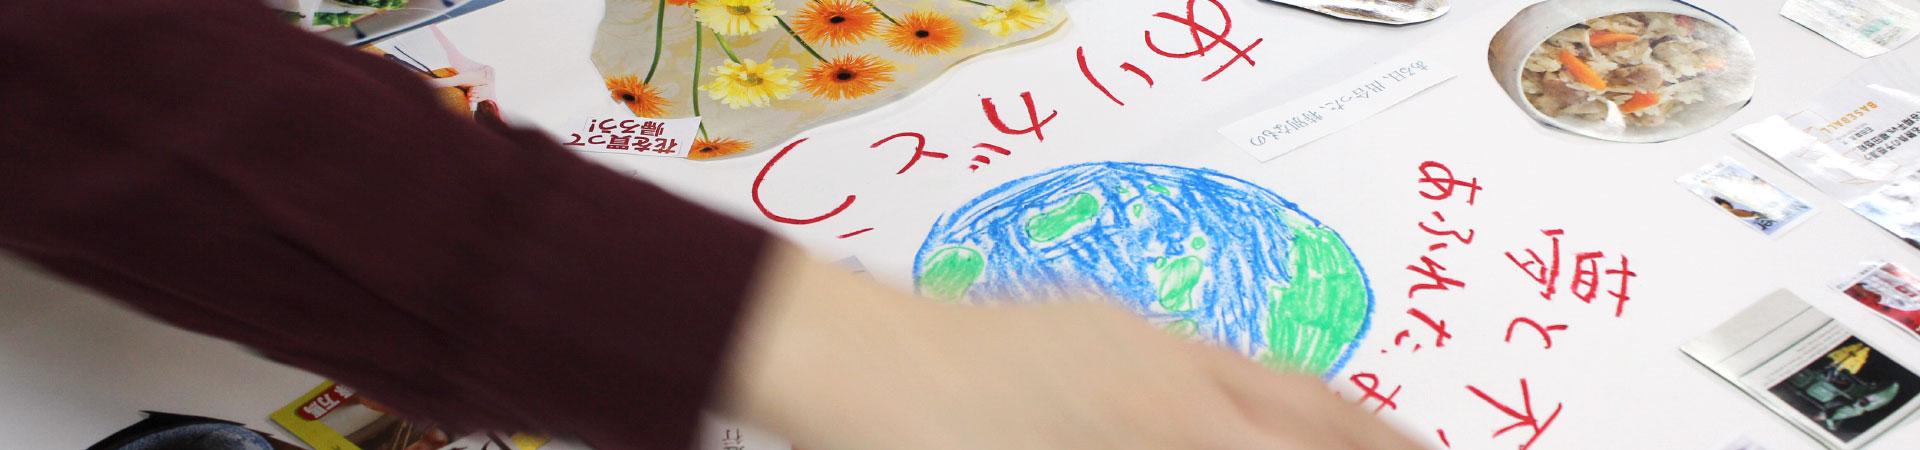 東日本大震災における支援団体のメンタルケア事業(第2期)